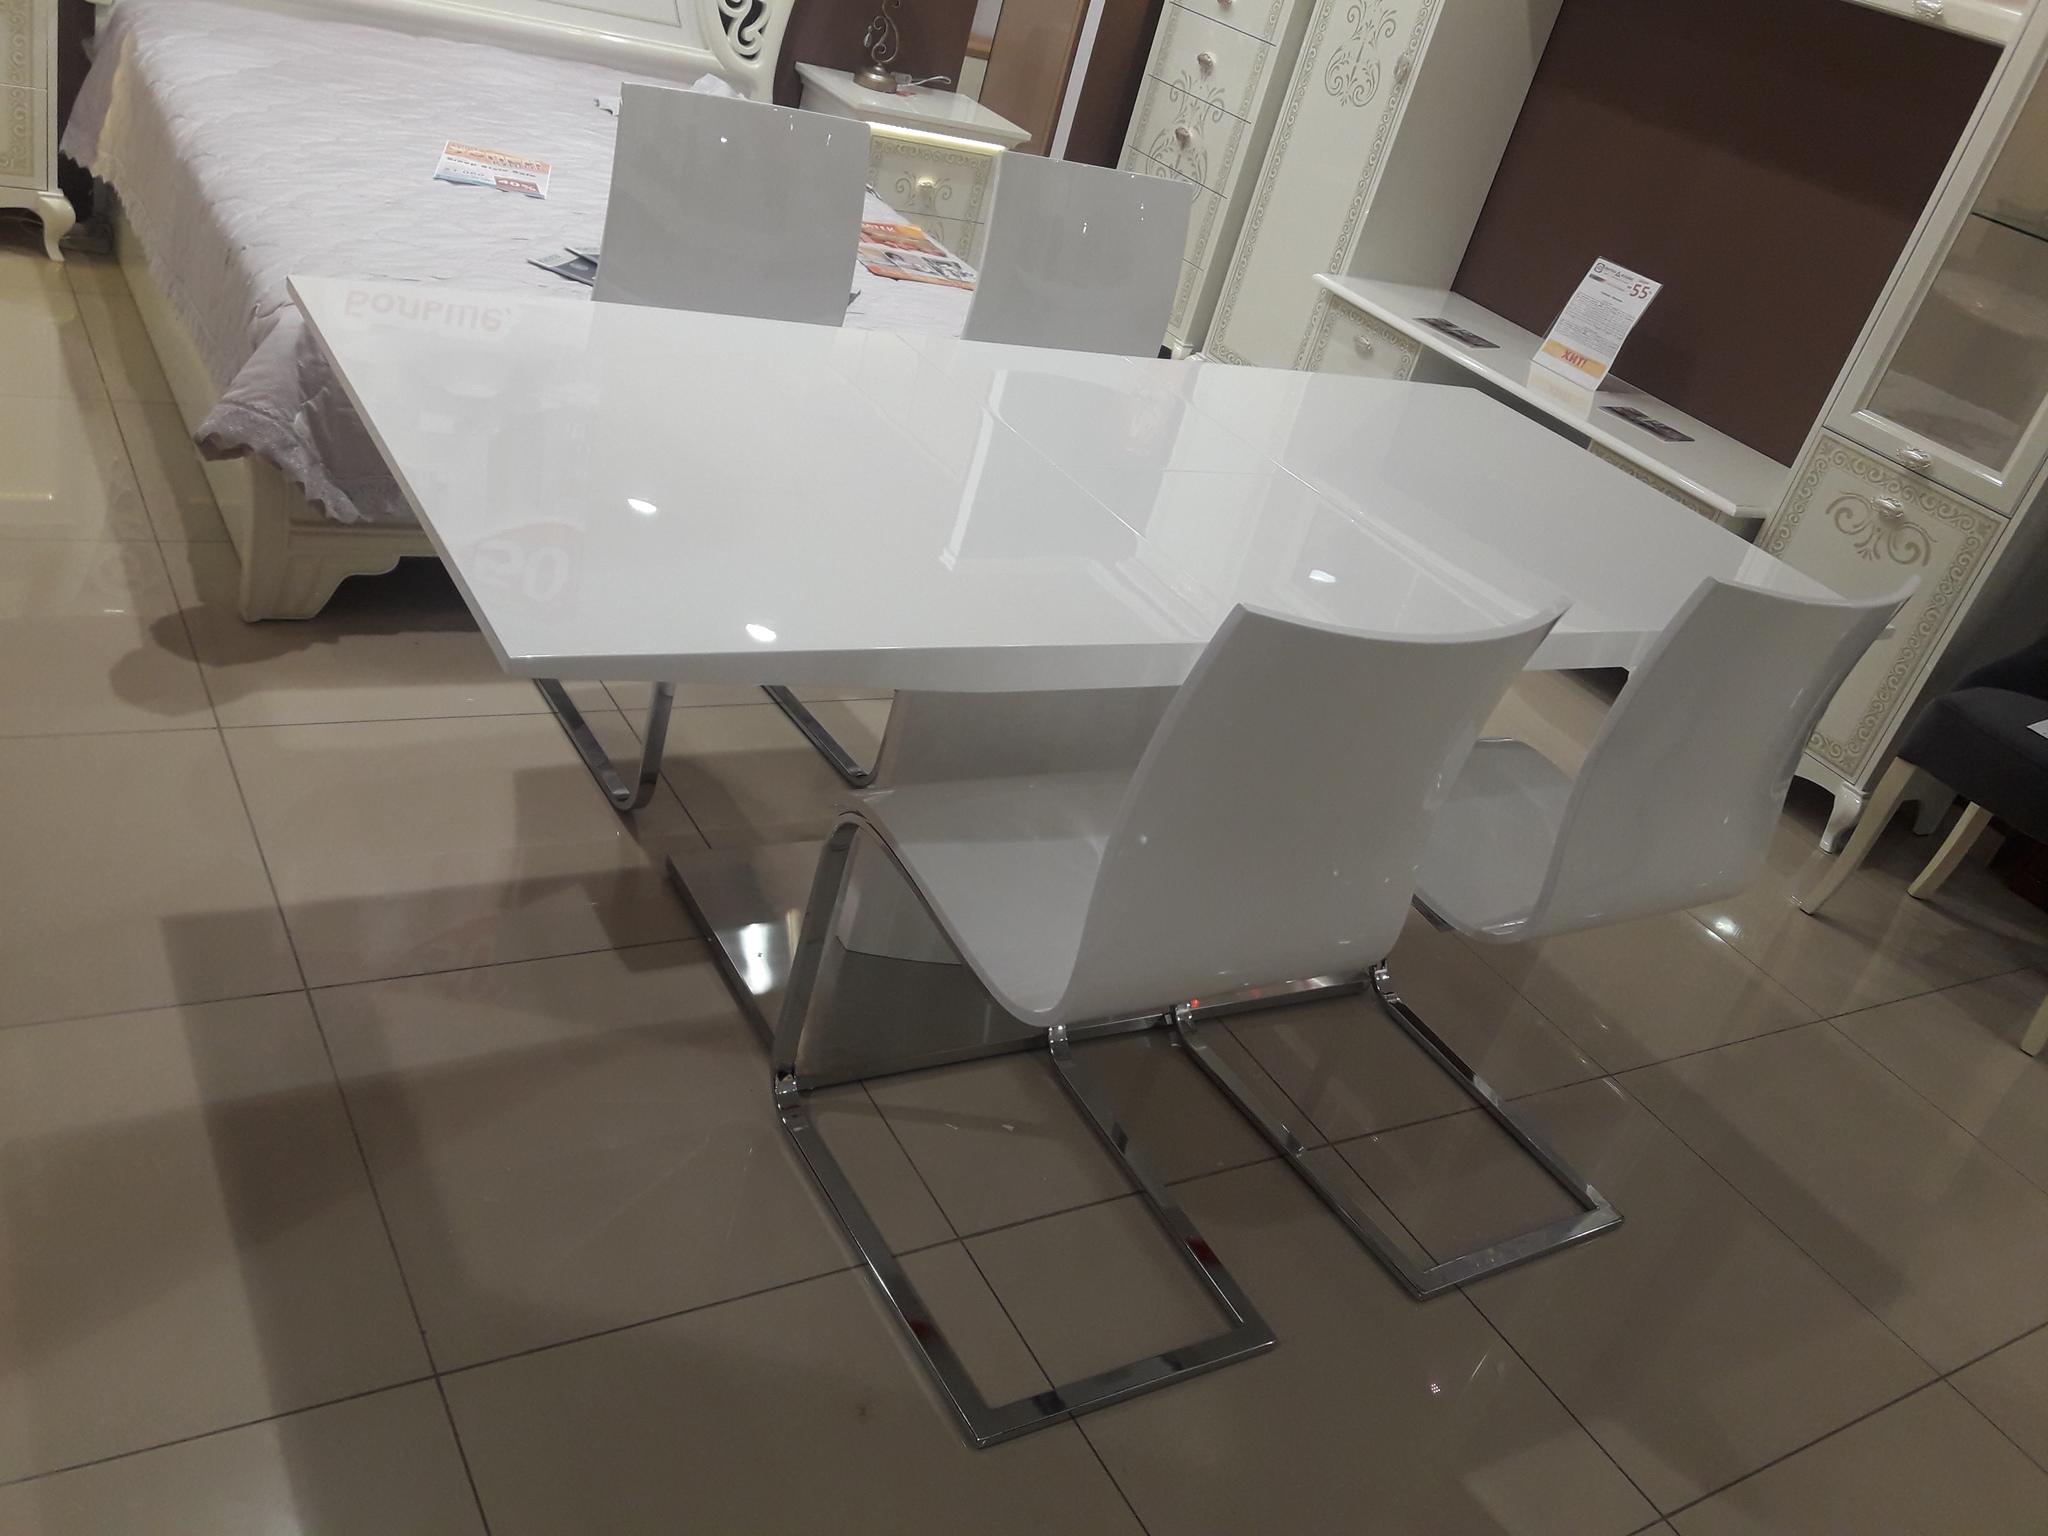 Стол DUPEN DT-01, стулья DUPEN СН-1003